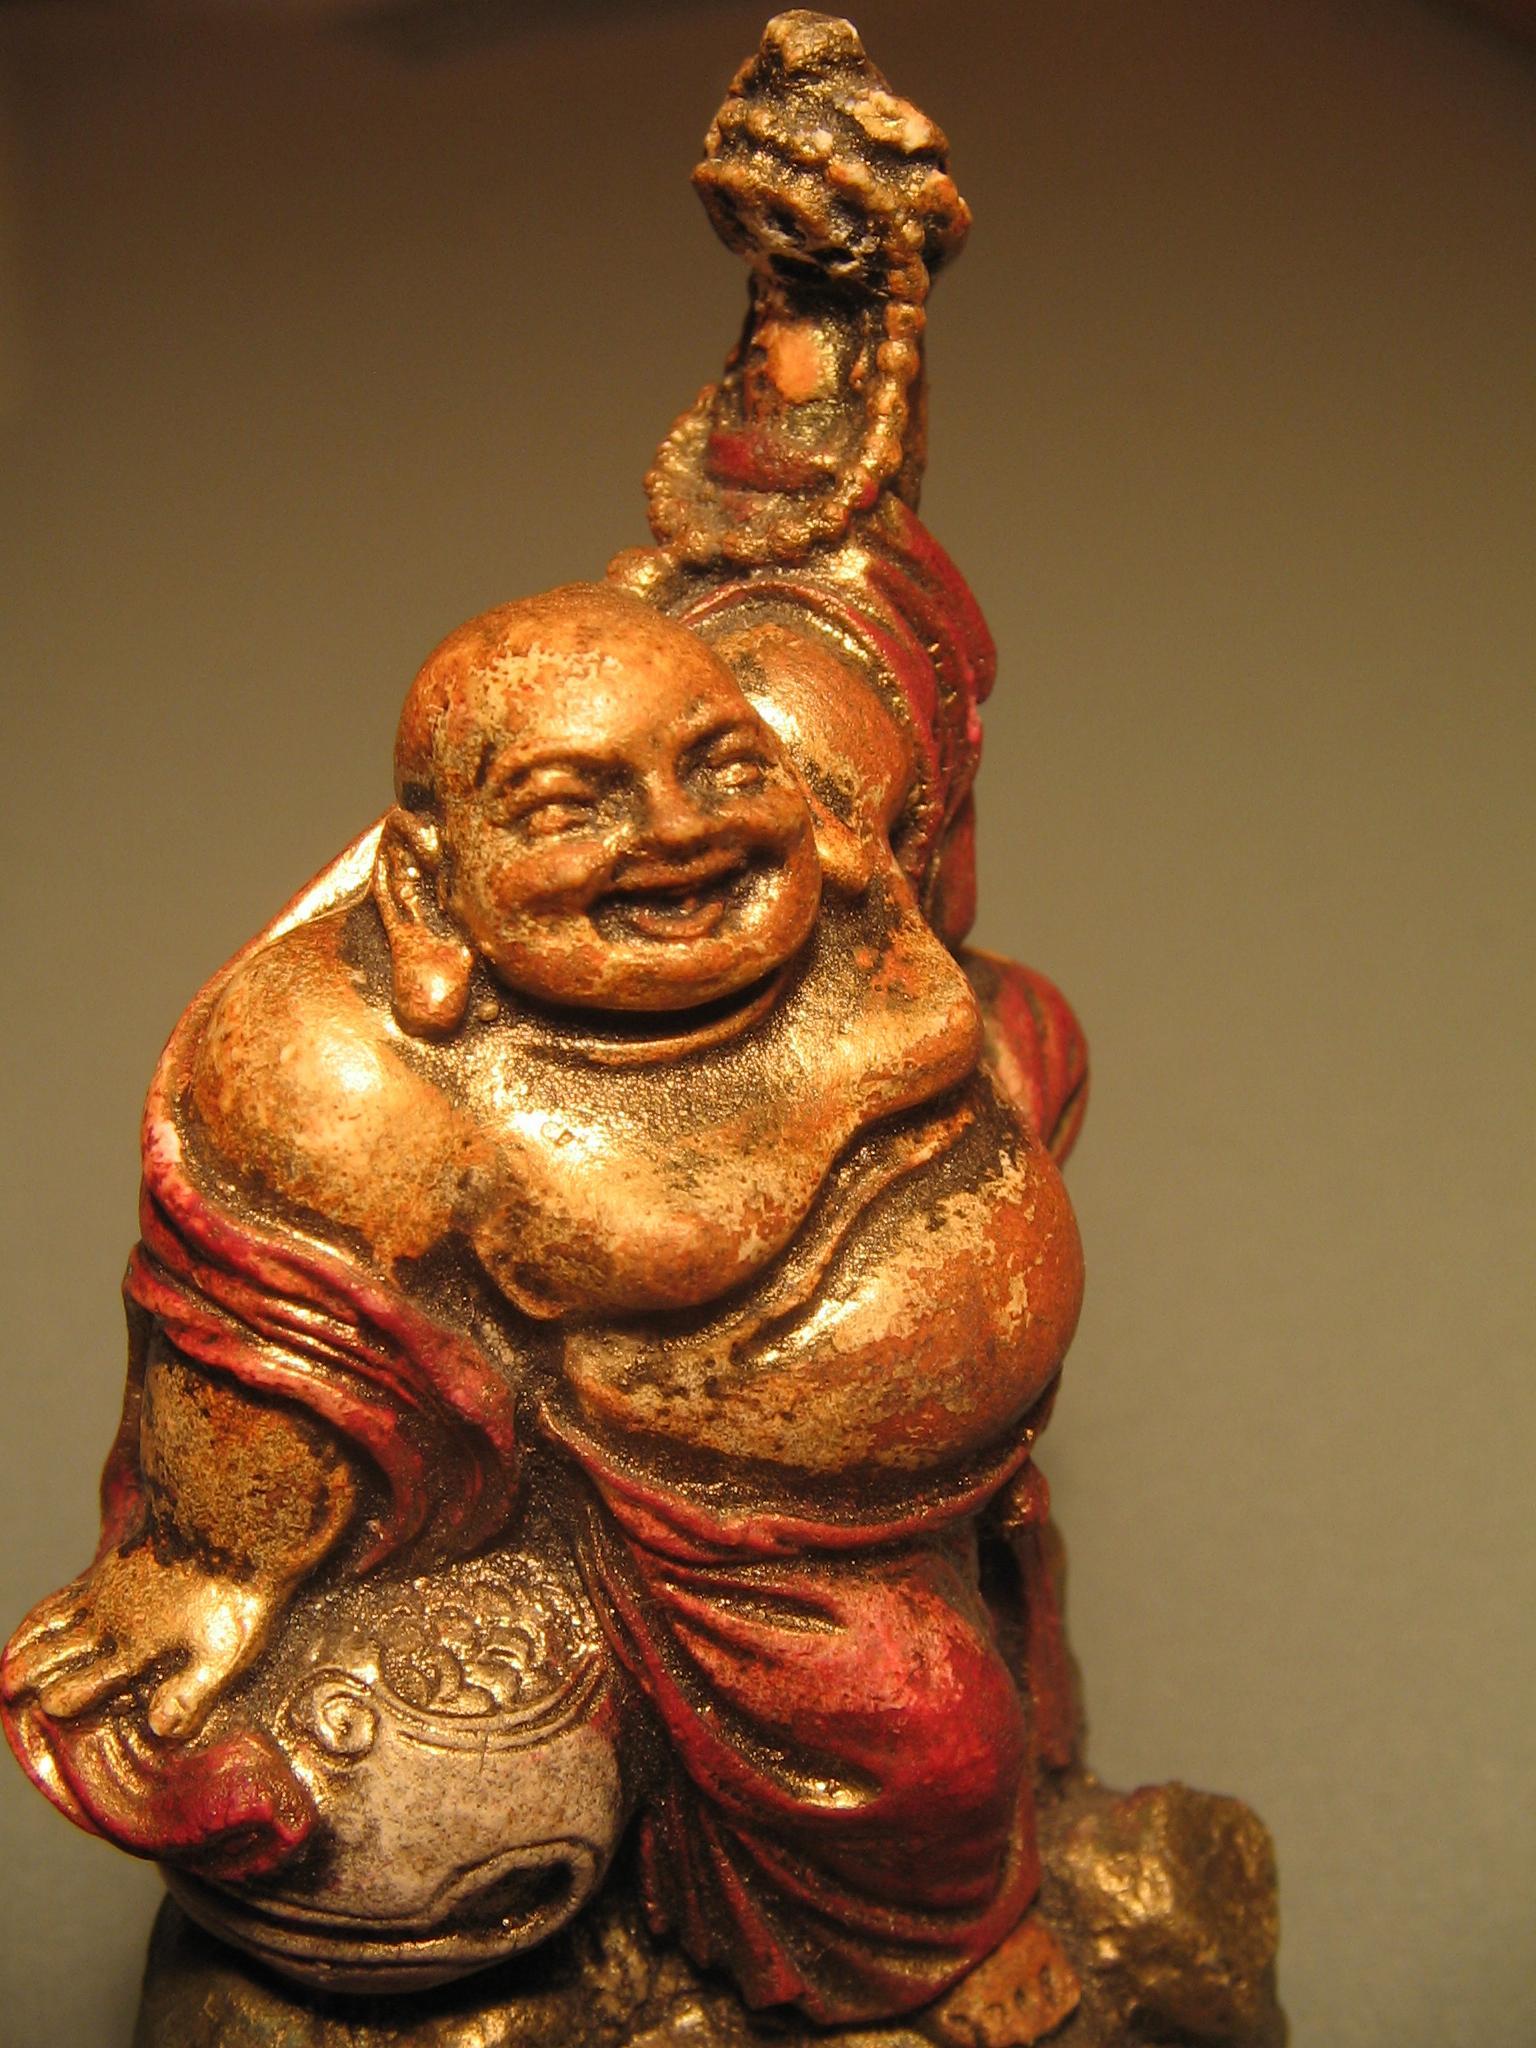 714108 63261556 - Budhismus, buddhismus, Hinduismus